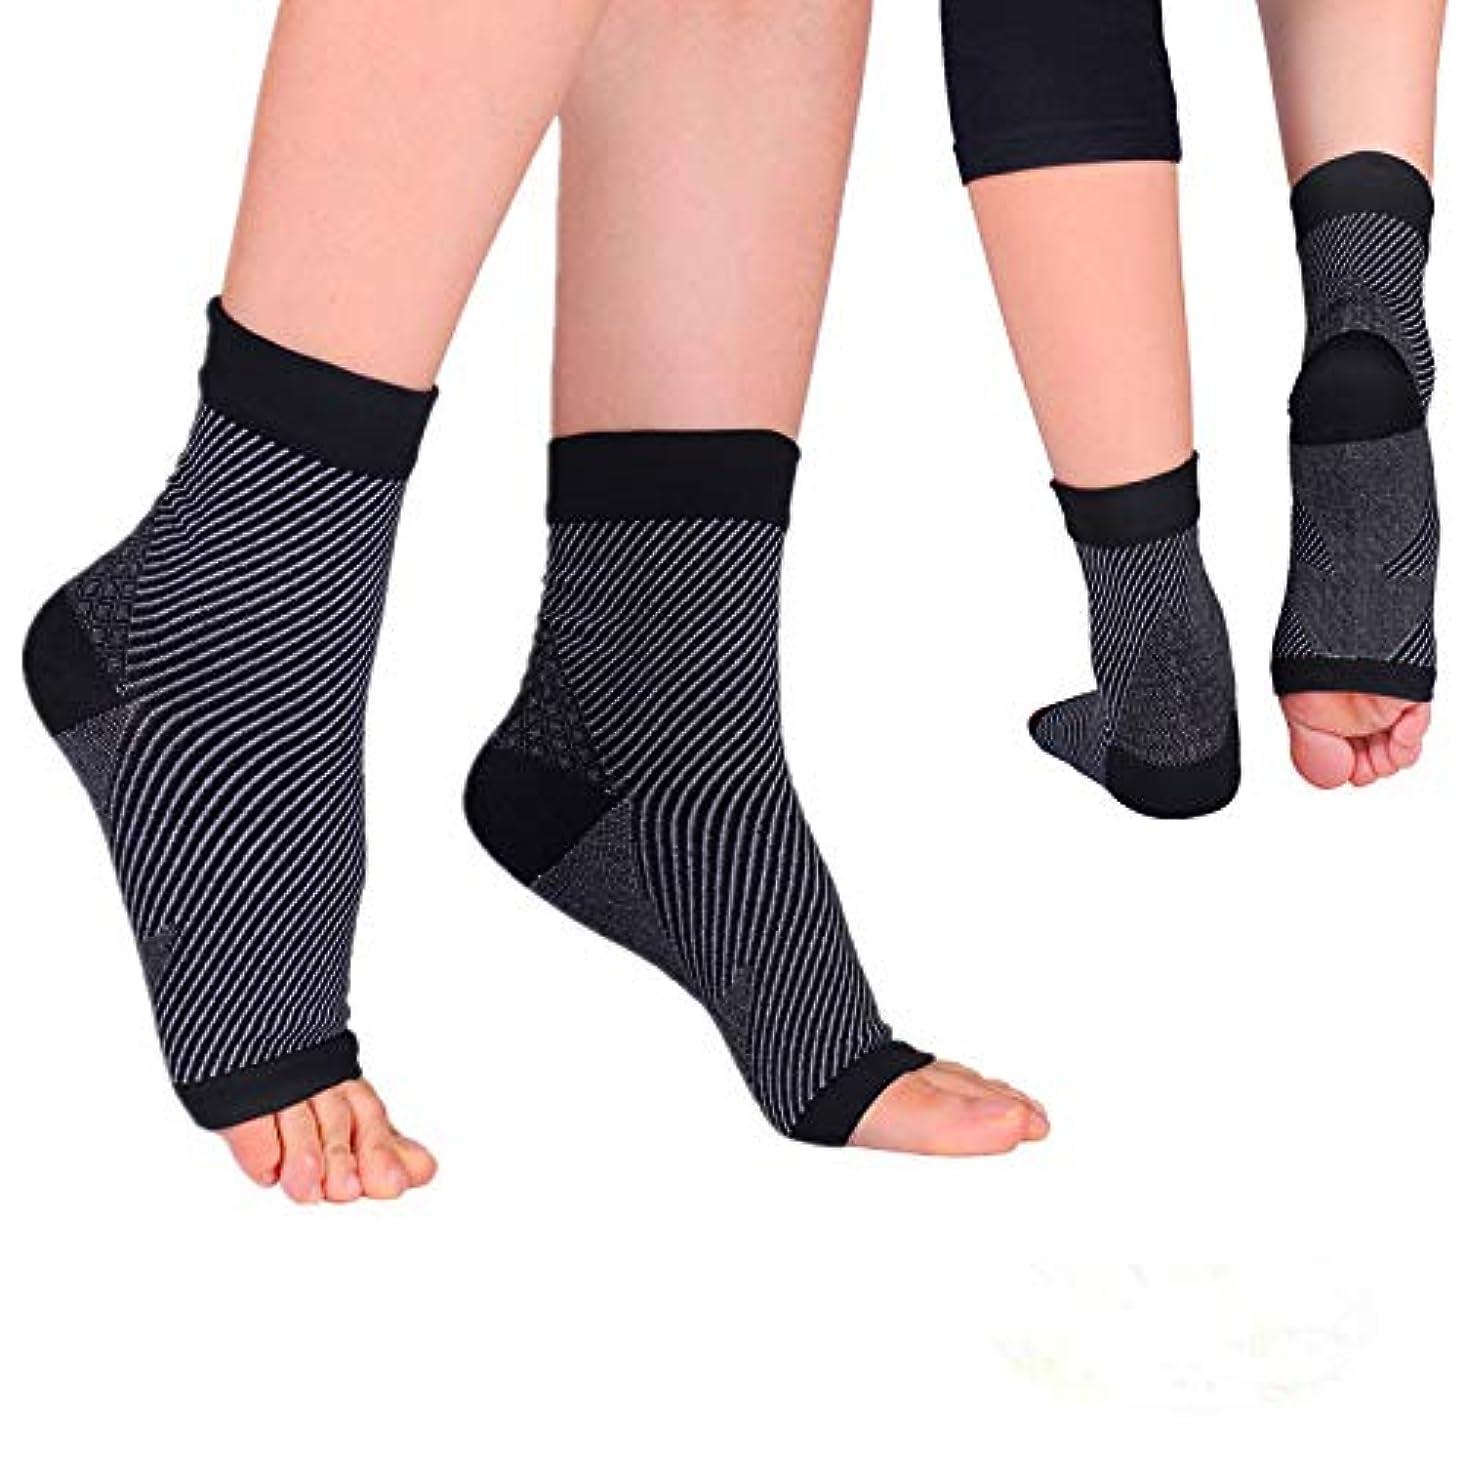 キャリッジシーントレイ通気性足首ソックス 足 サポーター 足首固定足の腫れを軽減する-2枚組